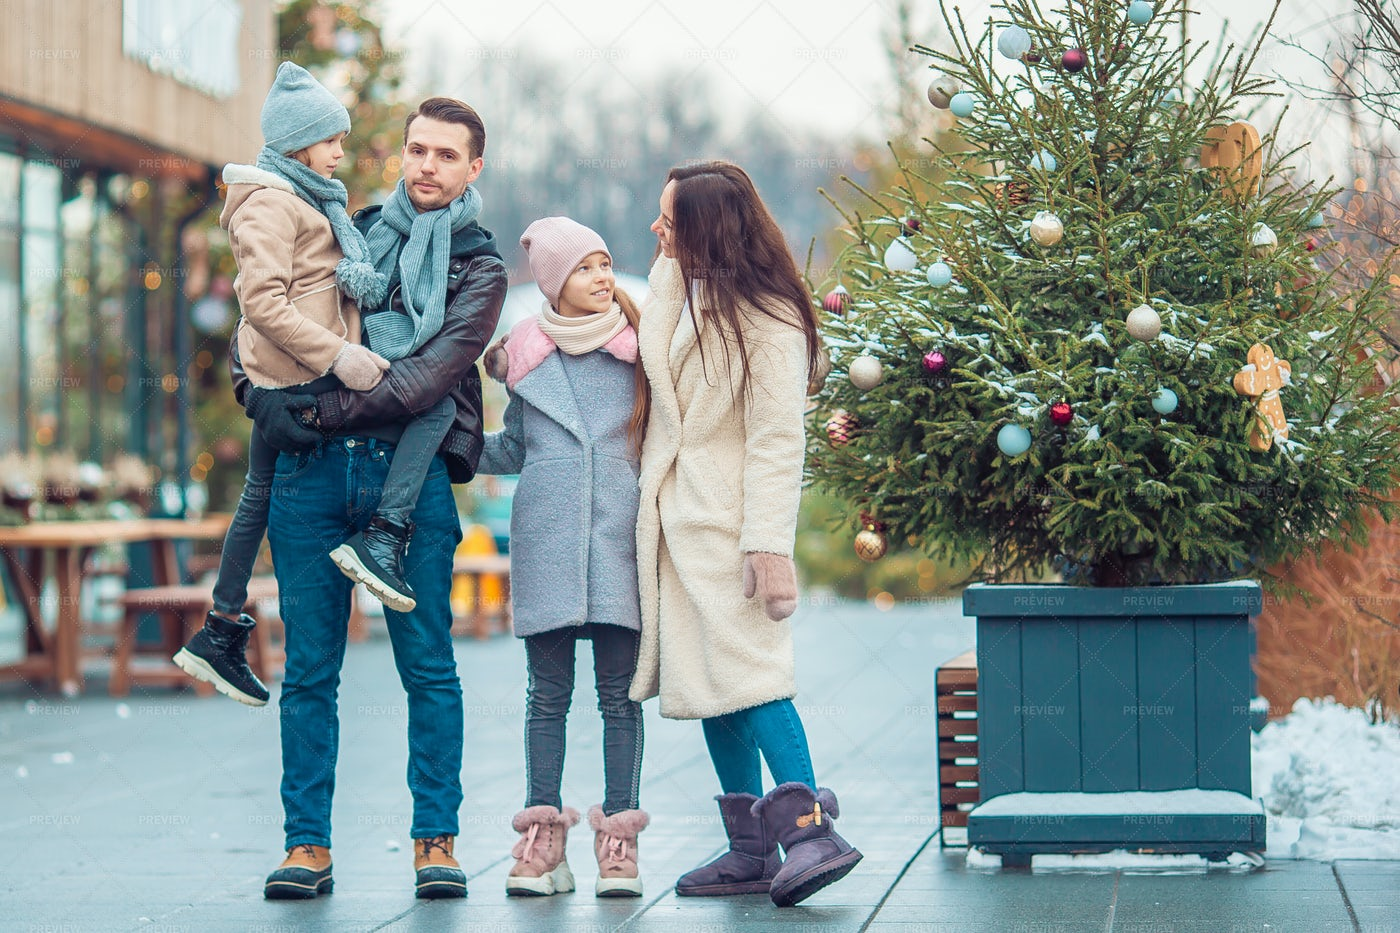 Family In Outdoor Shopping Center: Stock Photos